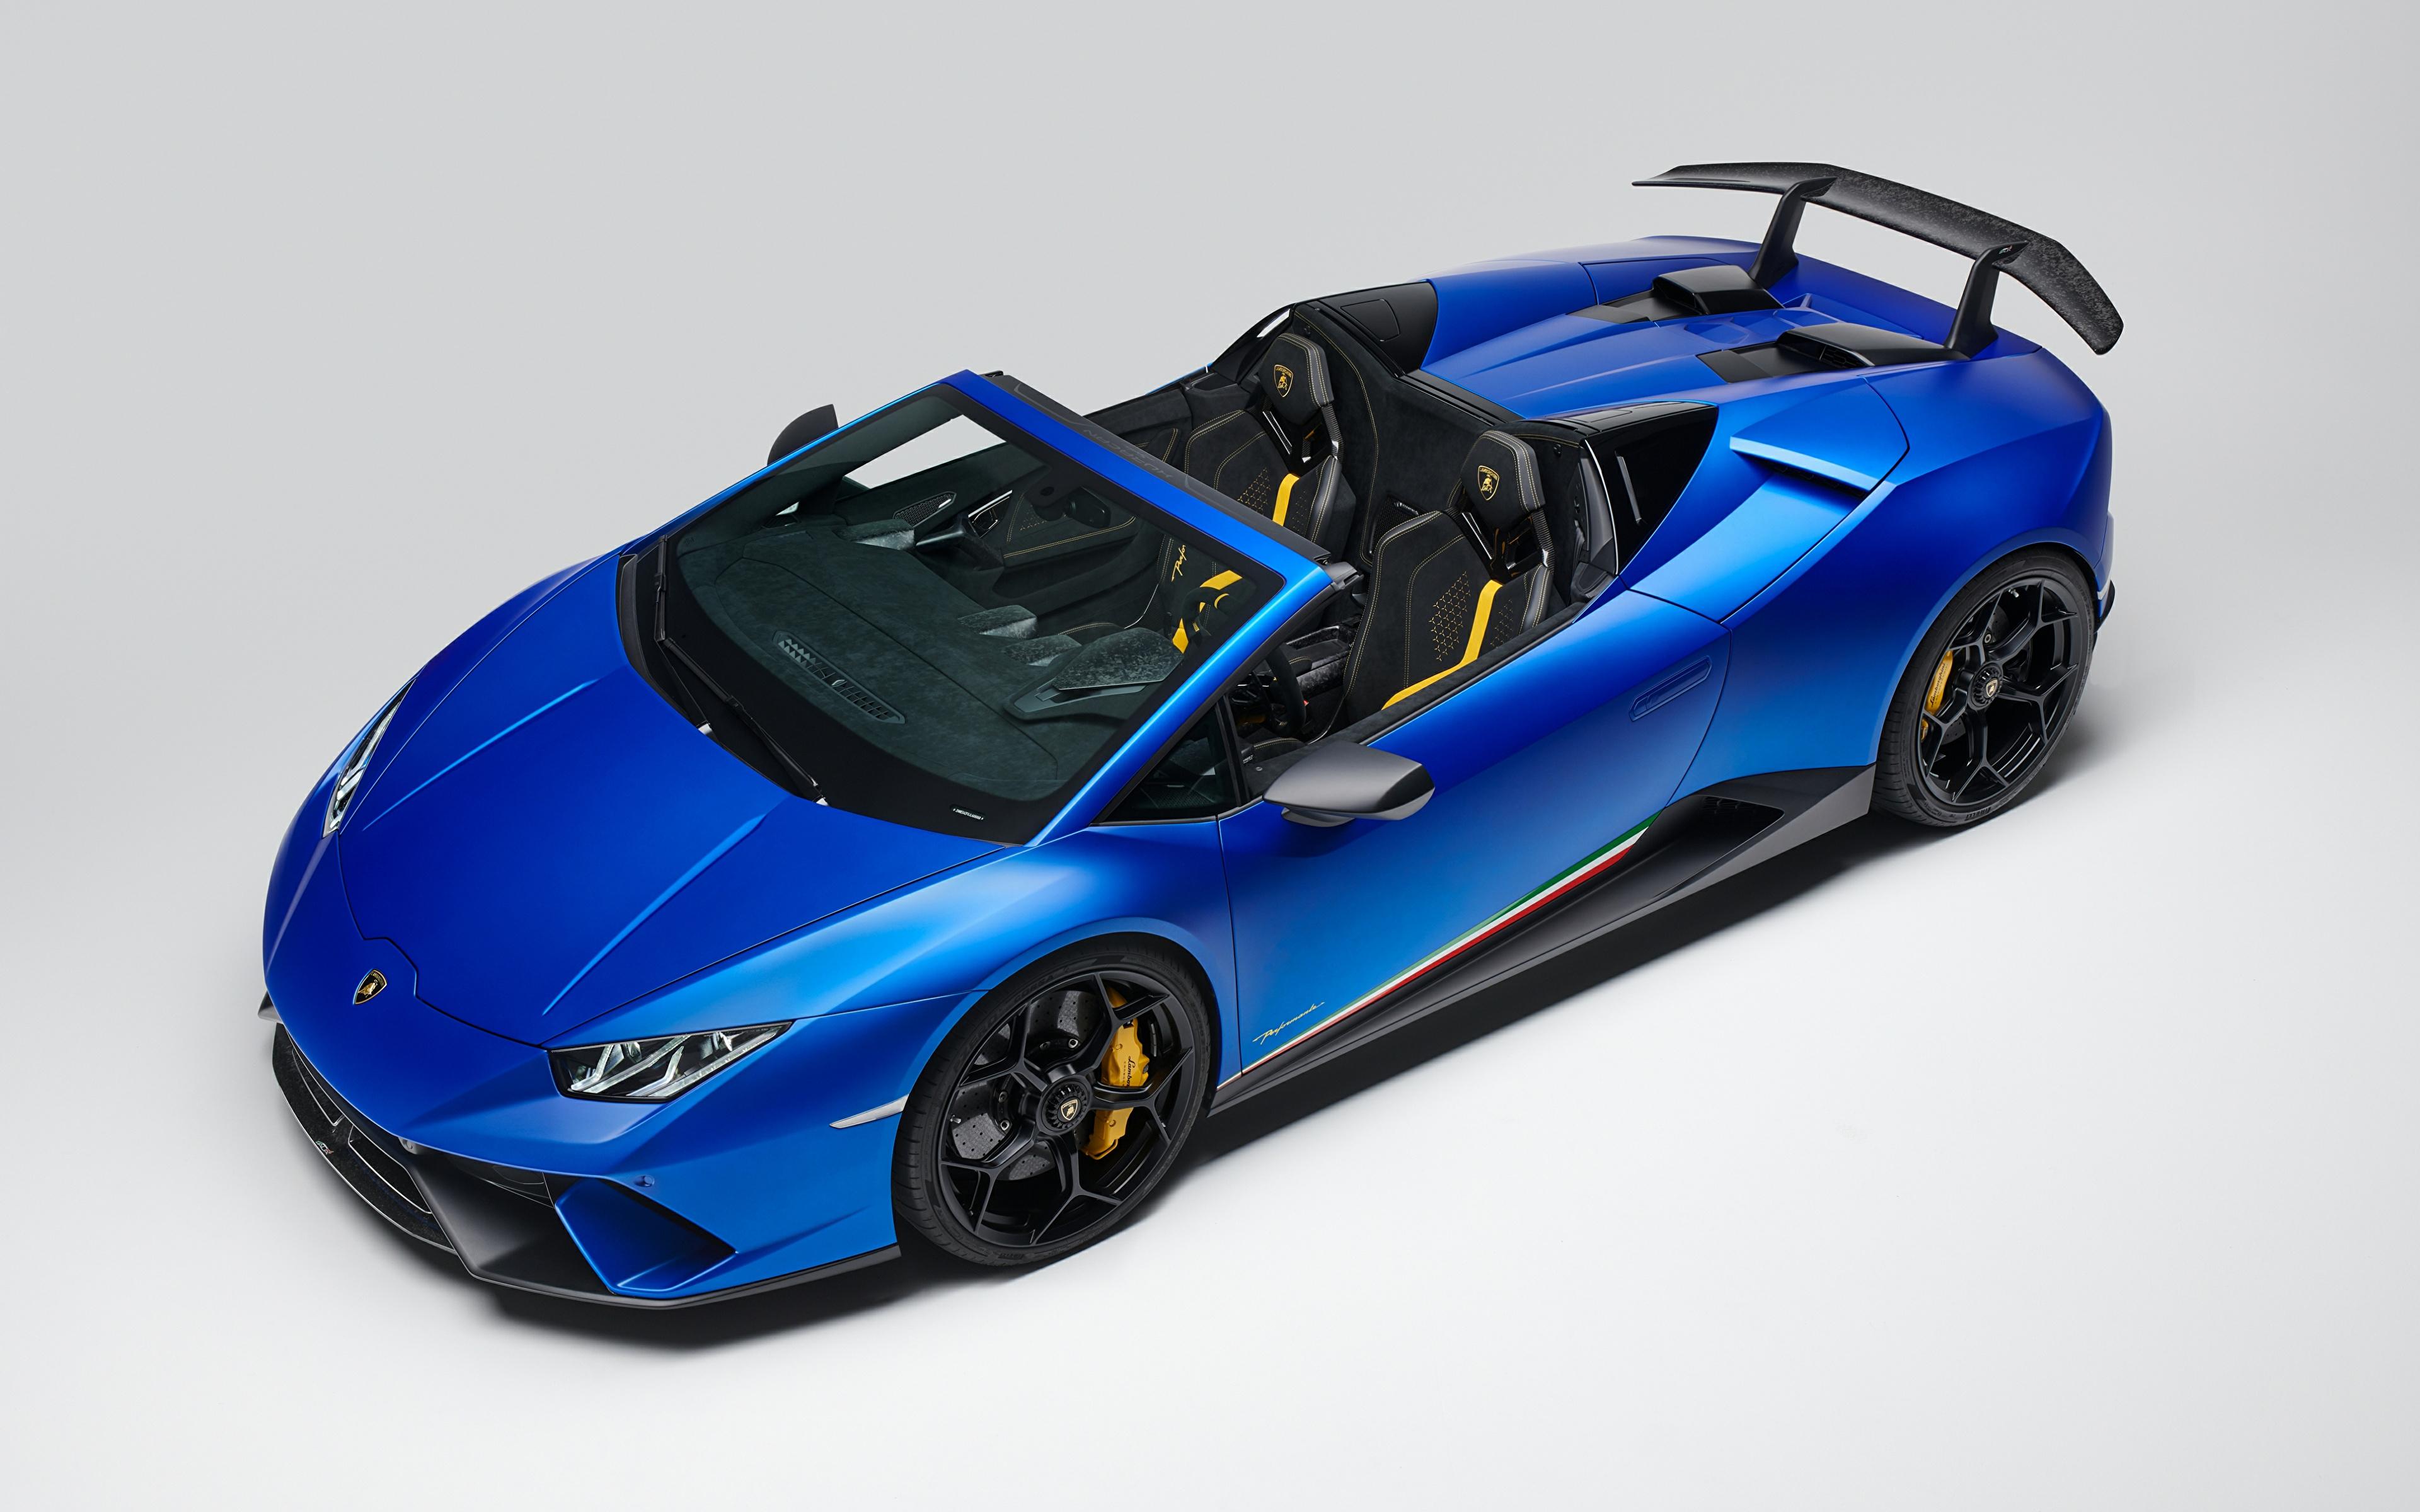 Обои для рабочего стола Ламборгини 2018 Huracan Perfomante Spyder Worldwide Родстер Синий автомобиль Серый фон 3840x2400 Lamborghini синих синие синяя авто машина машины Автомобили сером фоне